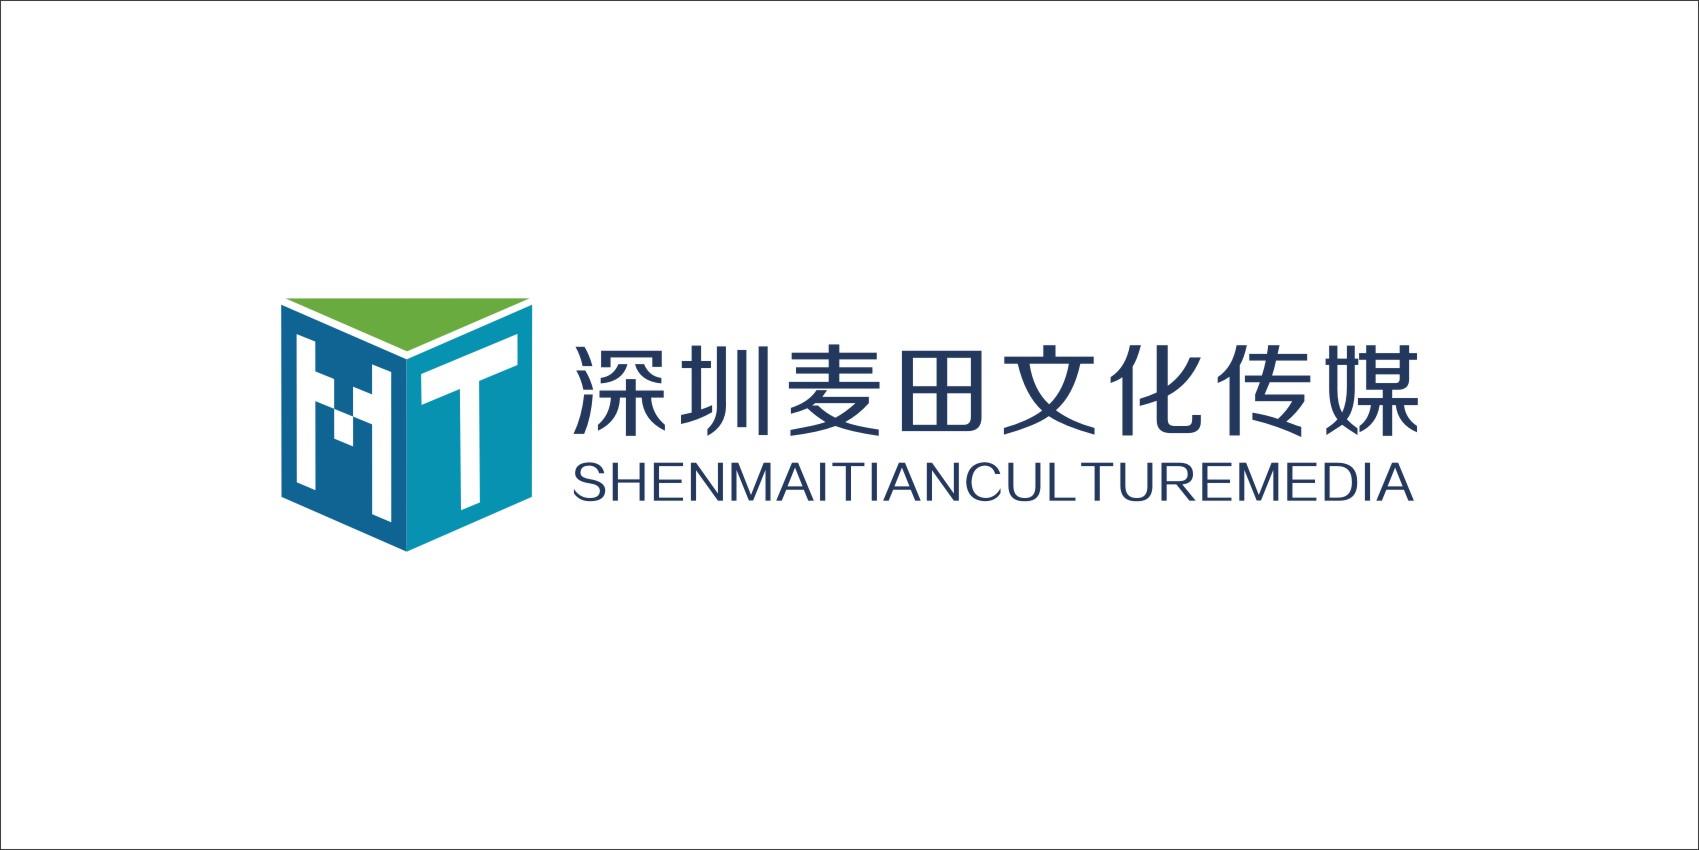 文化传媒公司logo征集|山西翔博文化传媒有限图片